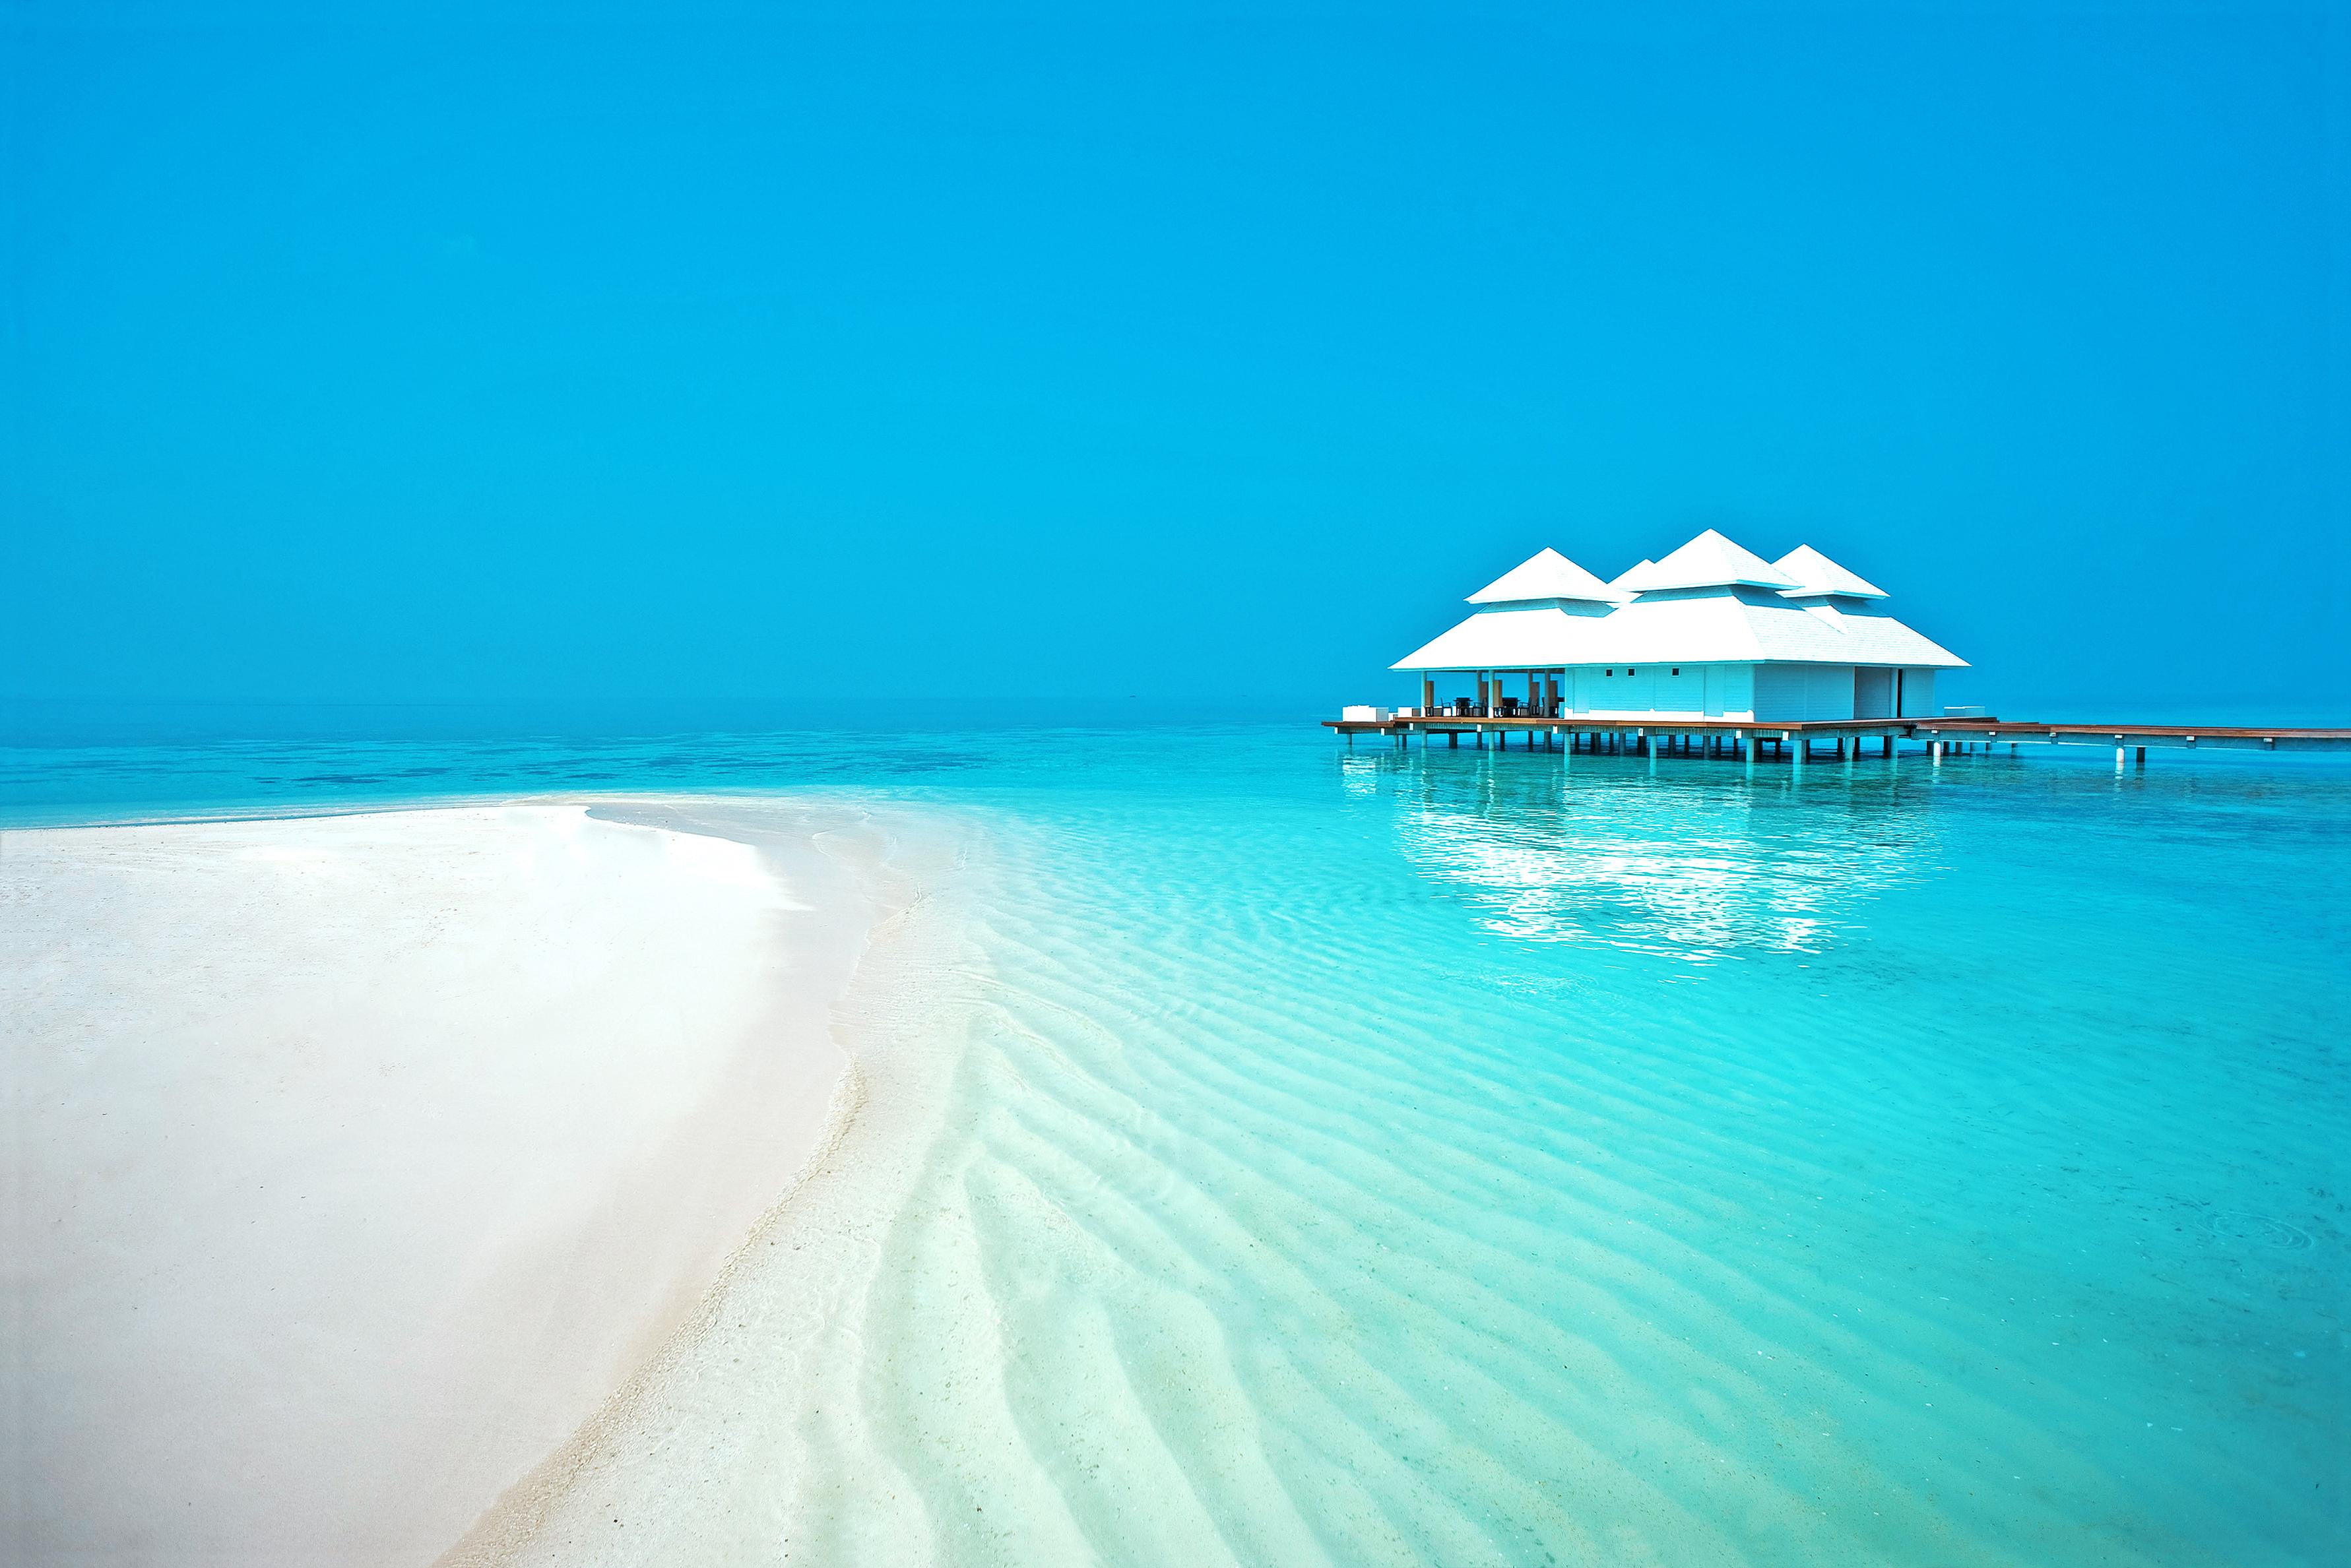 Море пляж для обои рабочего стола